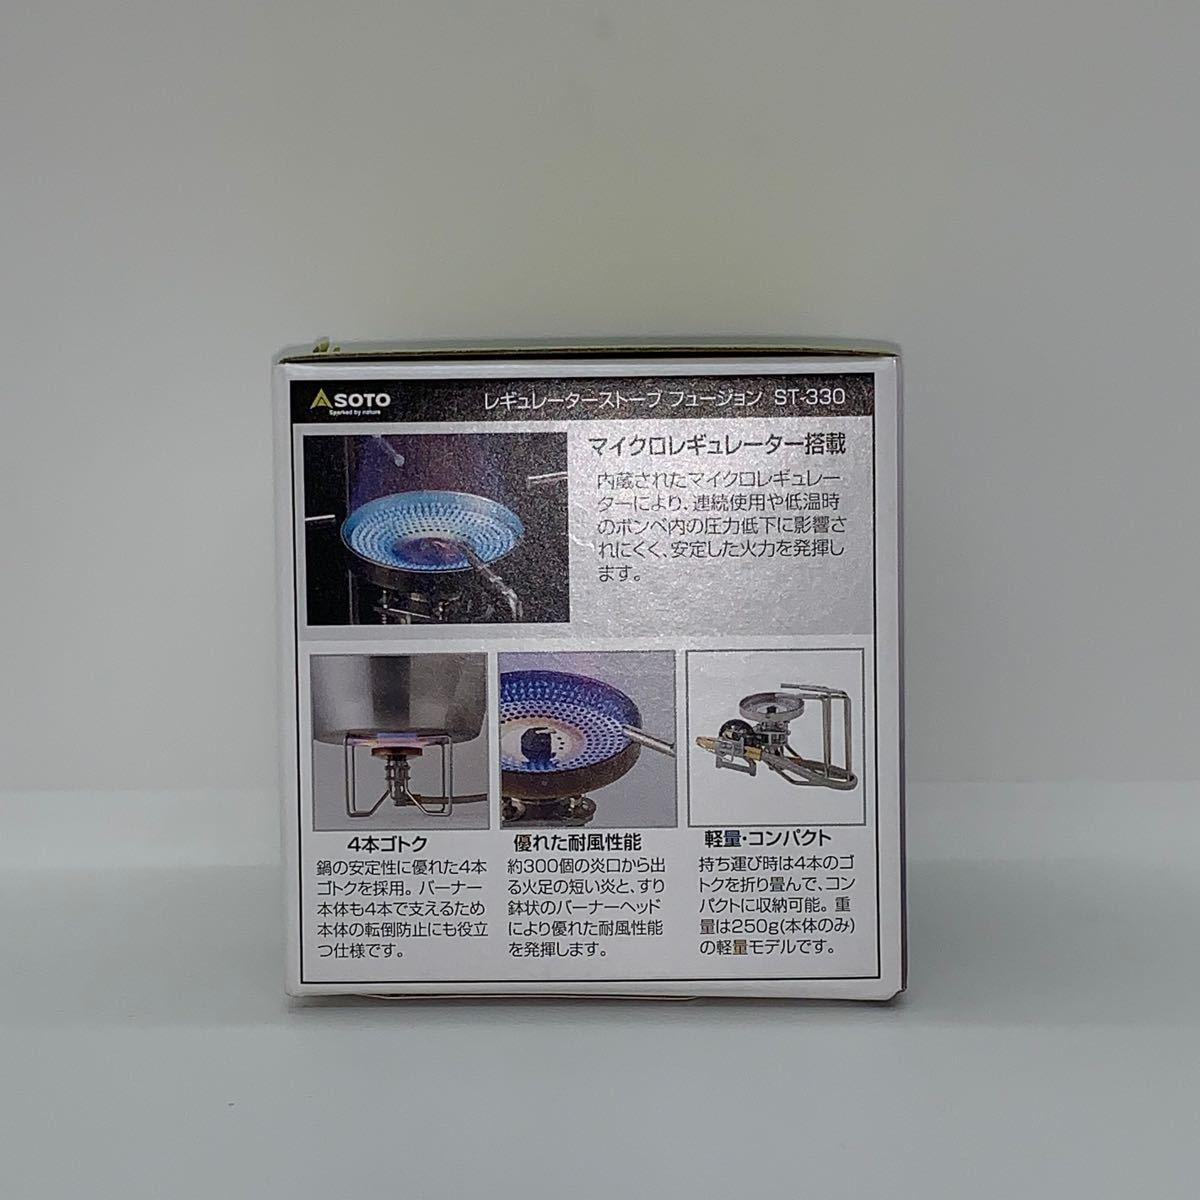 即日発送 新品未使用 SOTO レギュレーターストーブ ST-330 新富士バーナー